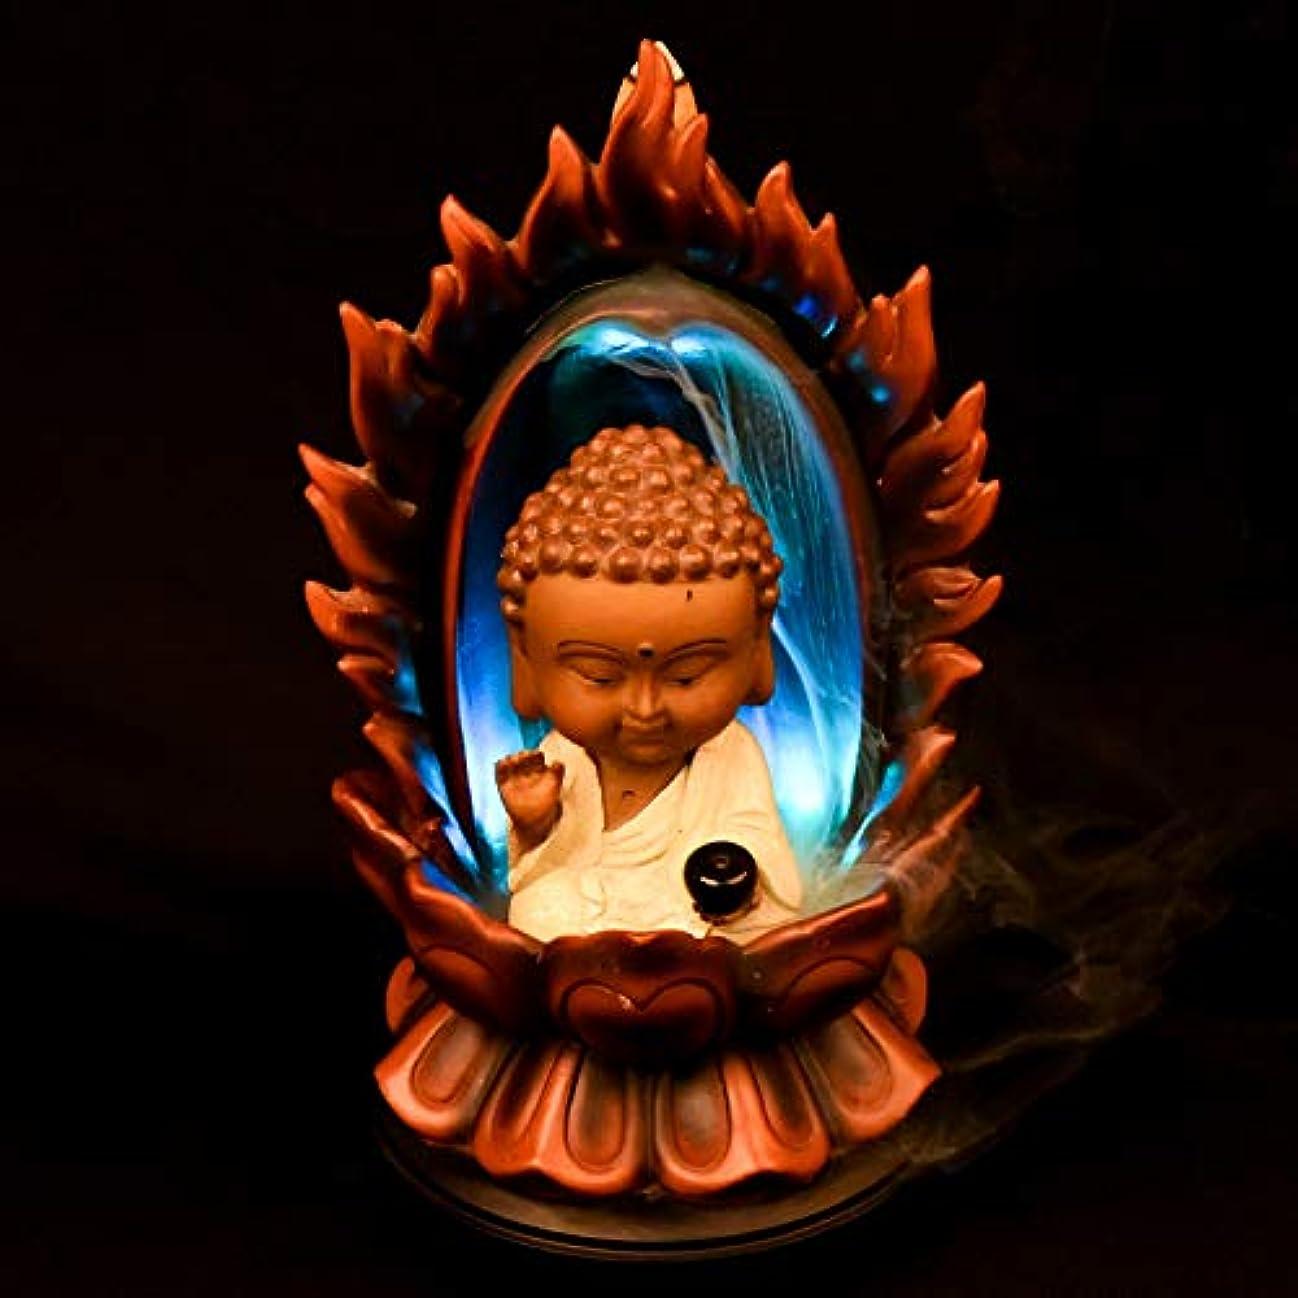 絶望的な消去うんPHILOGOD 樹脂逆流香 パーソナリティスタイリング仏壇用香炉/香立て お香 ホルダー ホームデコレーション